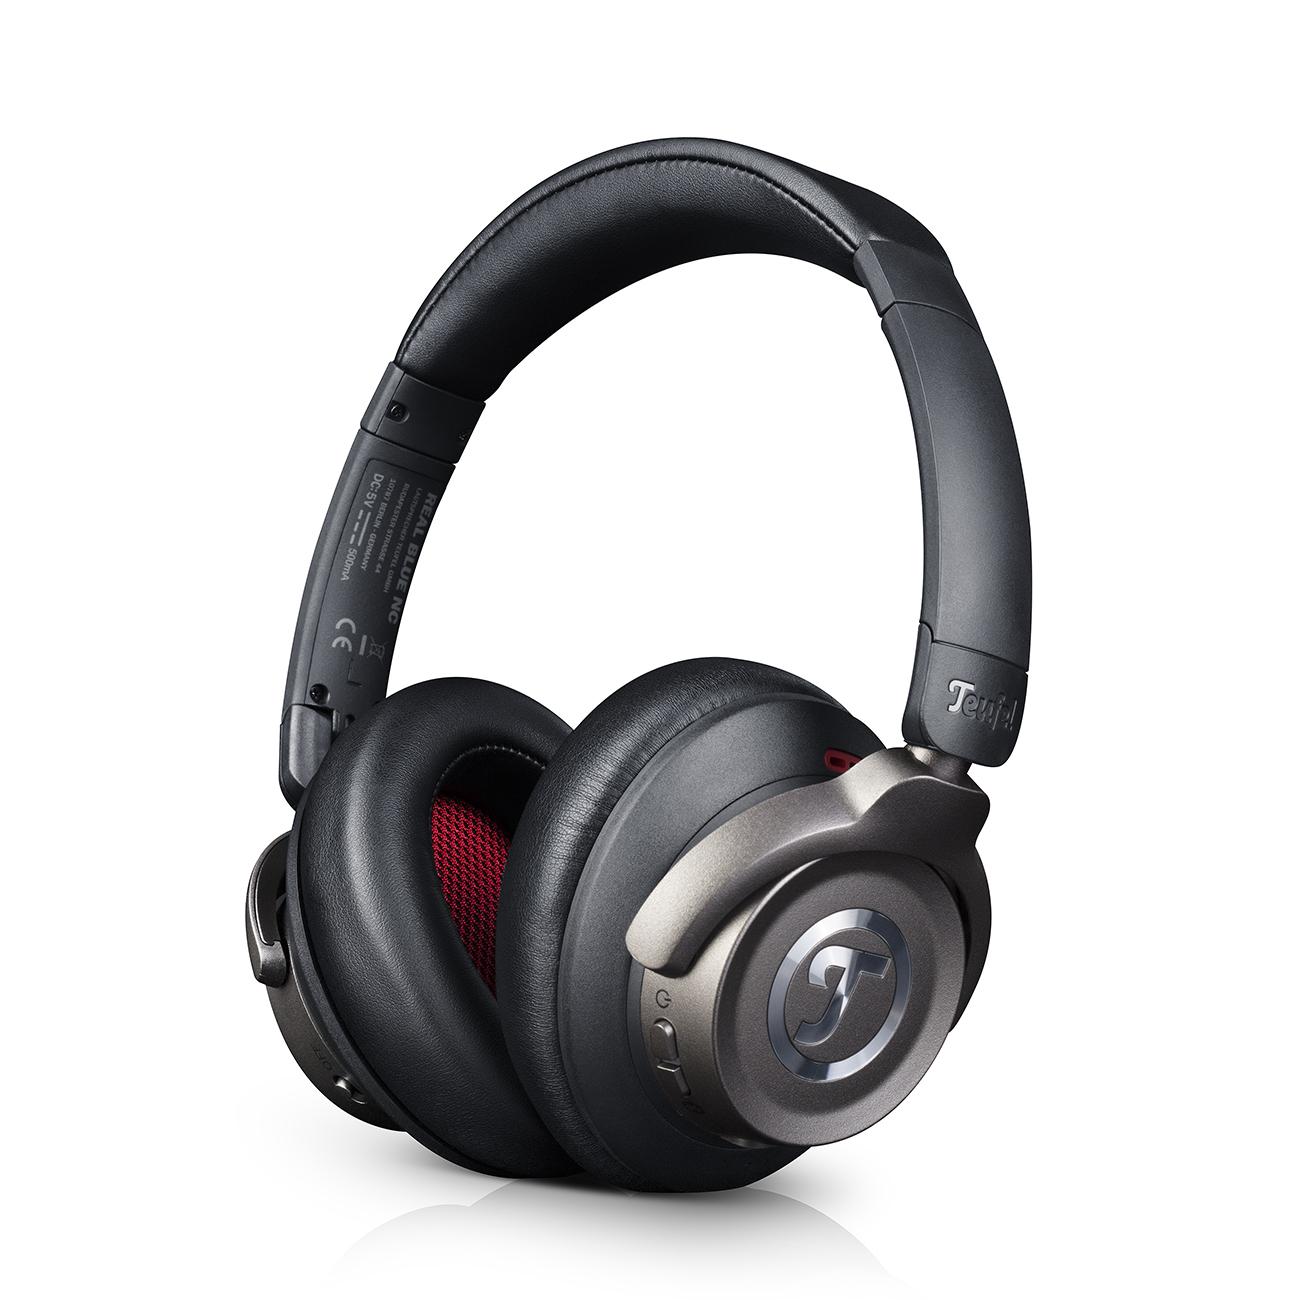 [Teufel.de] Real Blue NC (Noise Cancelling Kopfhörer) + Move Pro (In-Ear-Kopfhörer) für 149,99 Euro